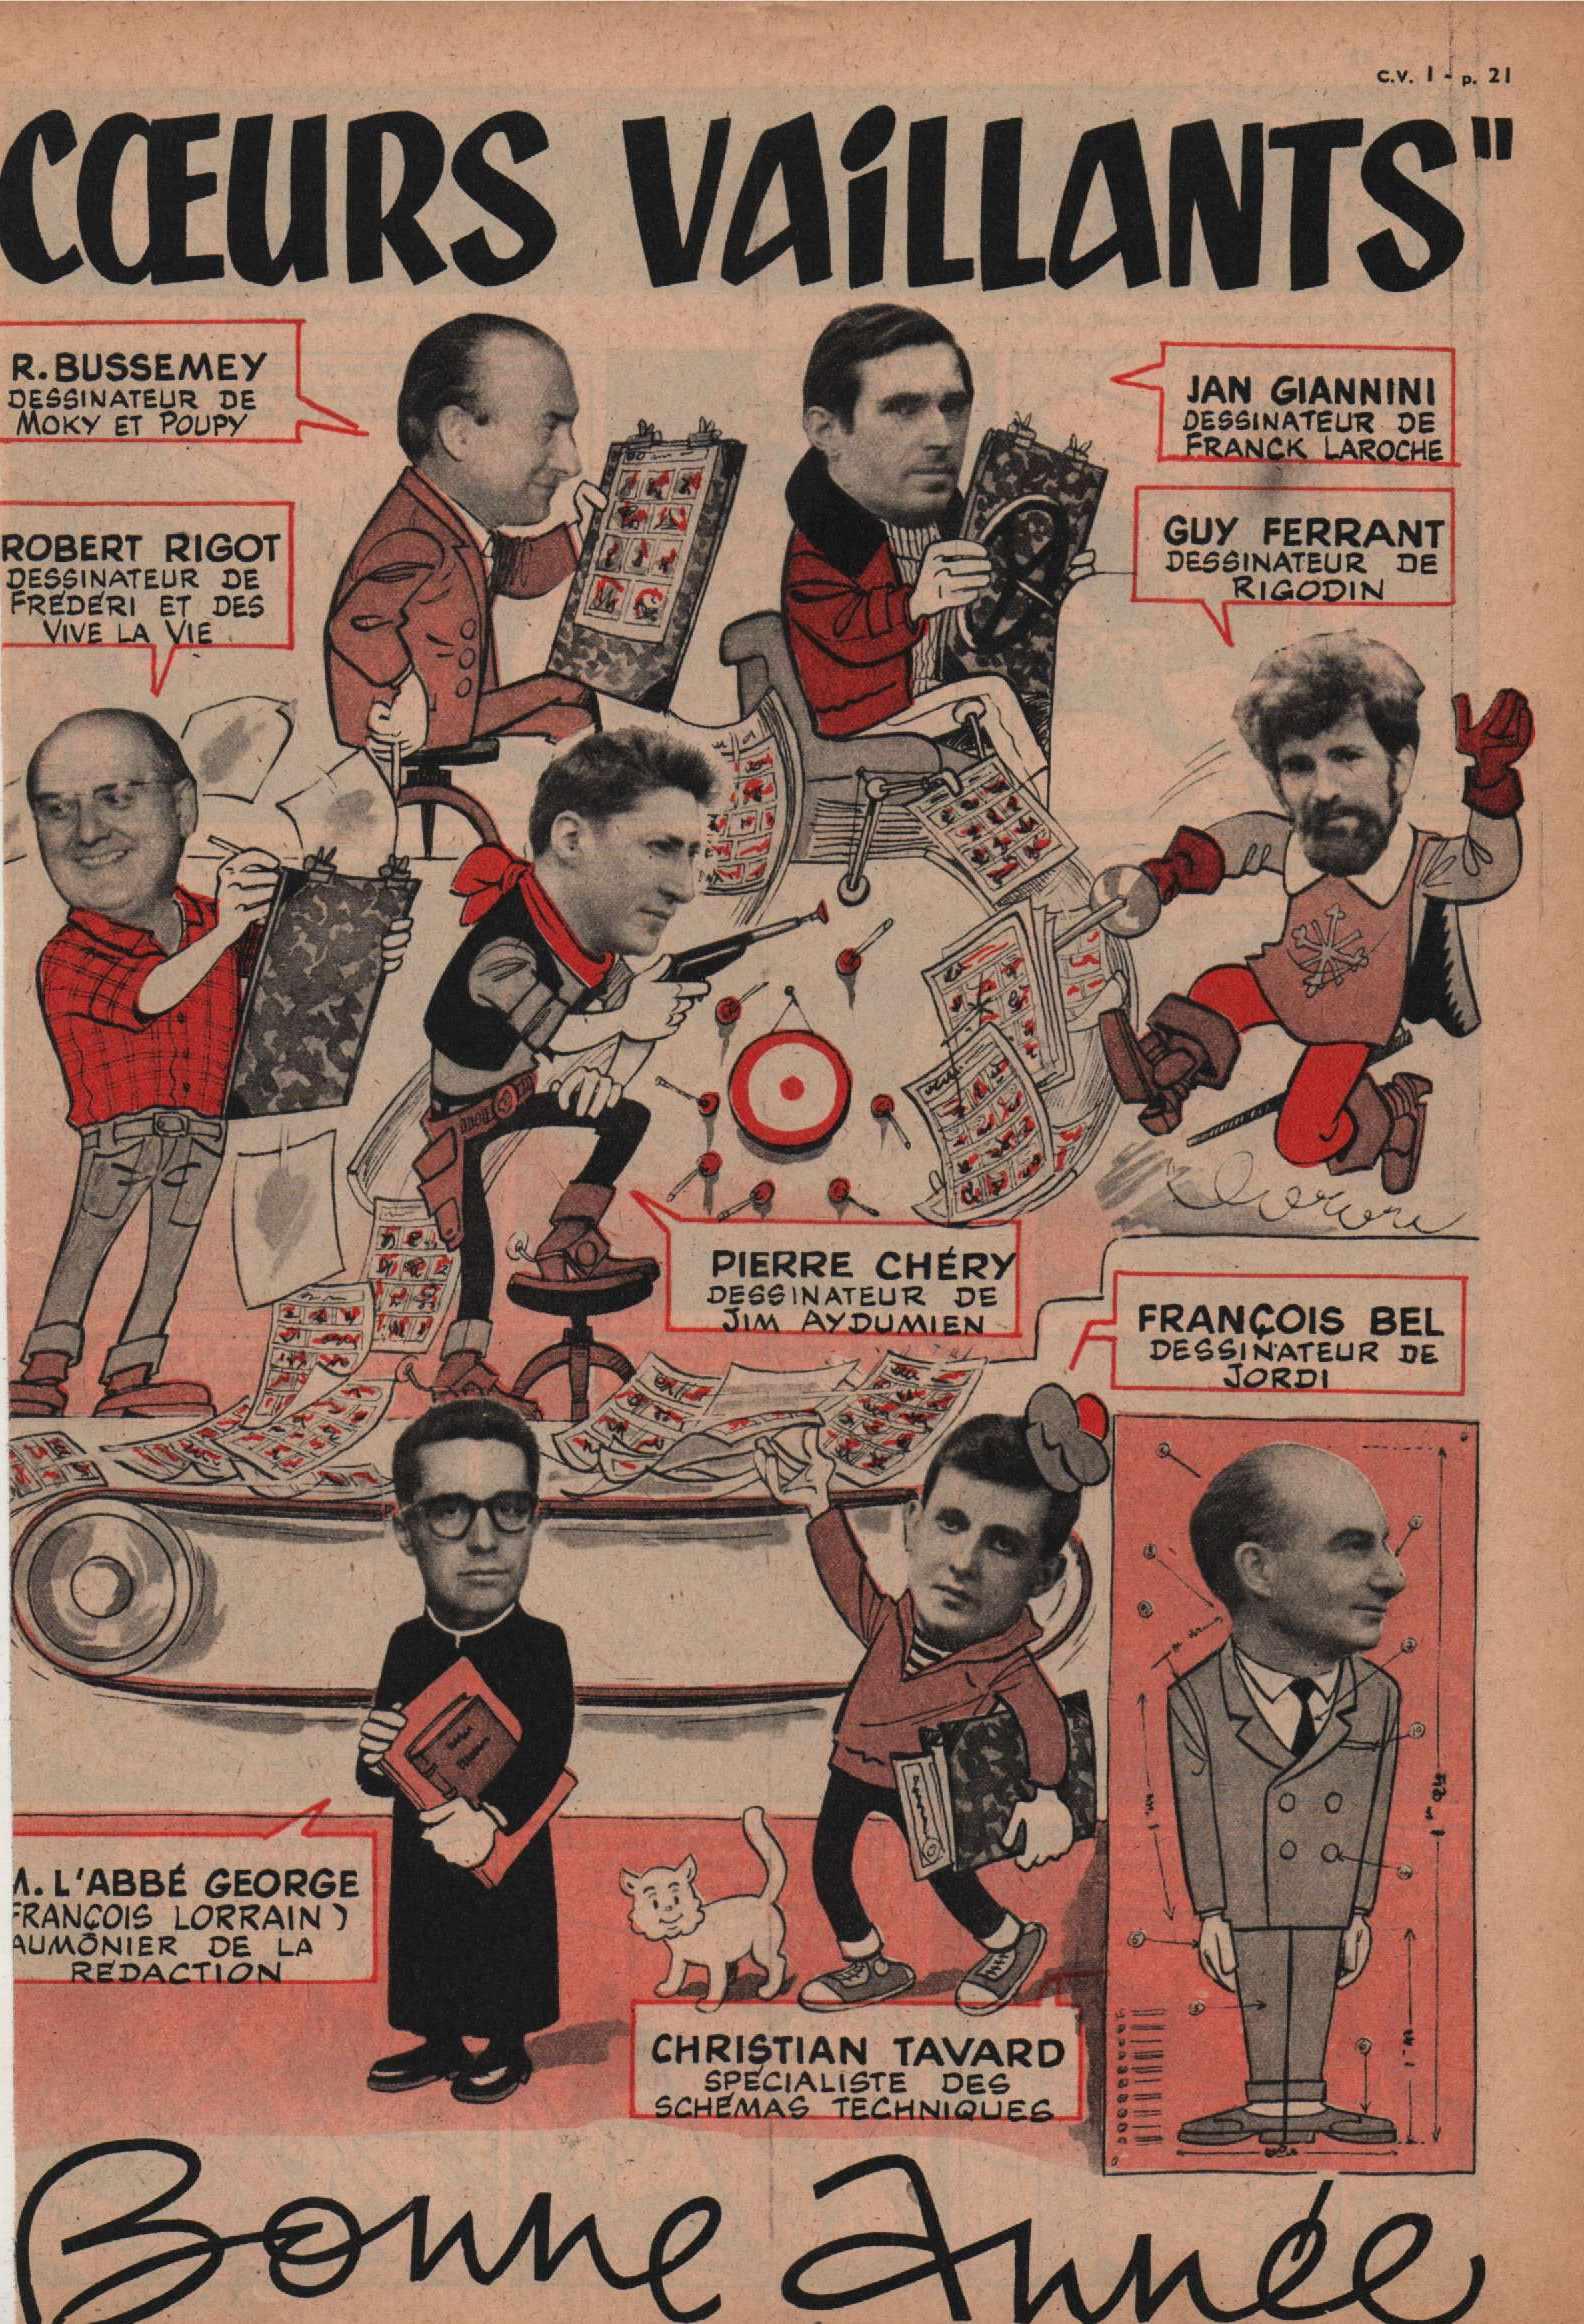 Photo de fin d'année Cœurs vaillants n° 1 (01/1960).